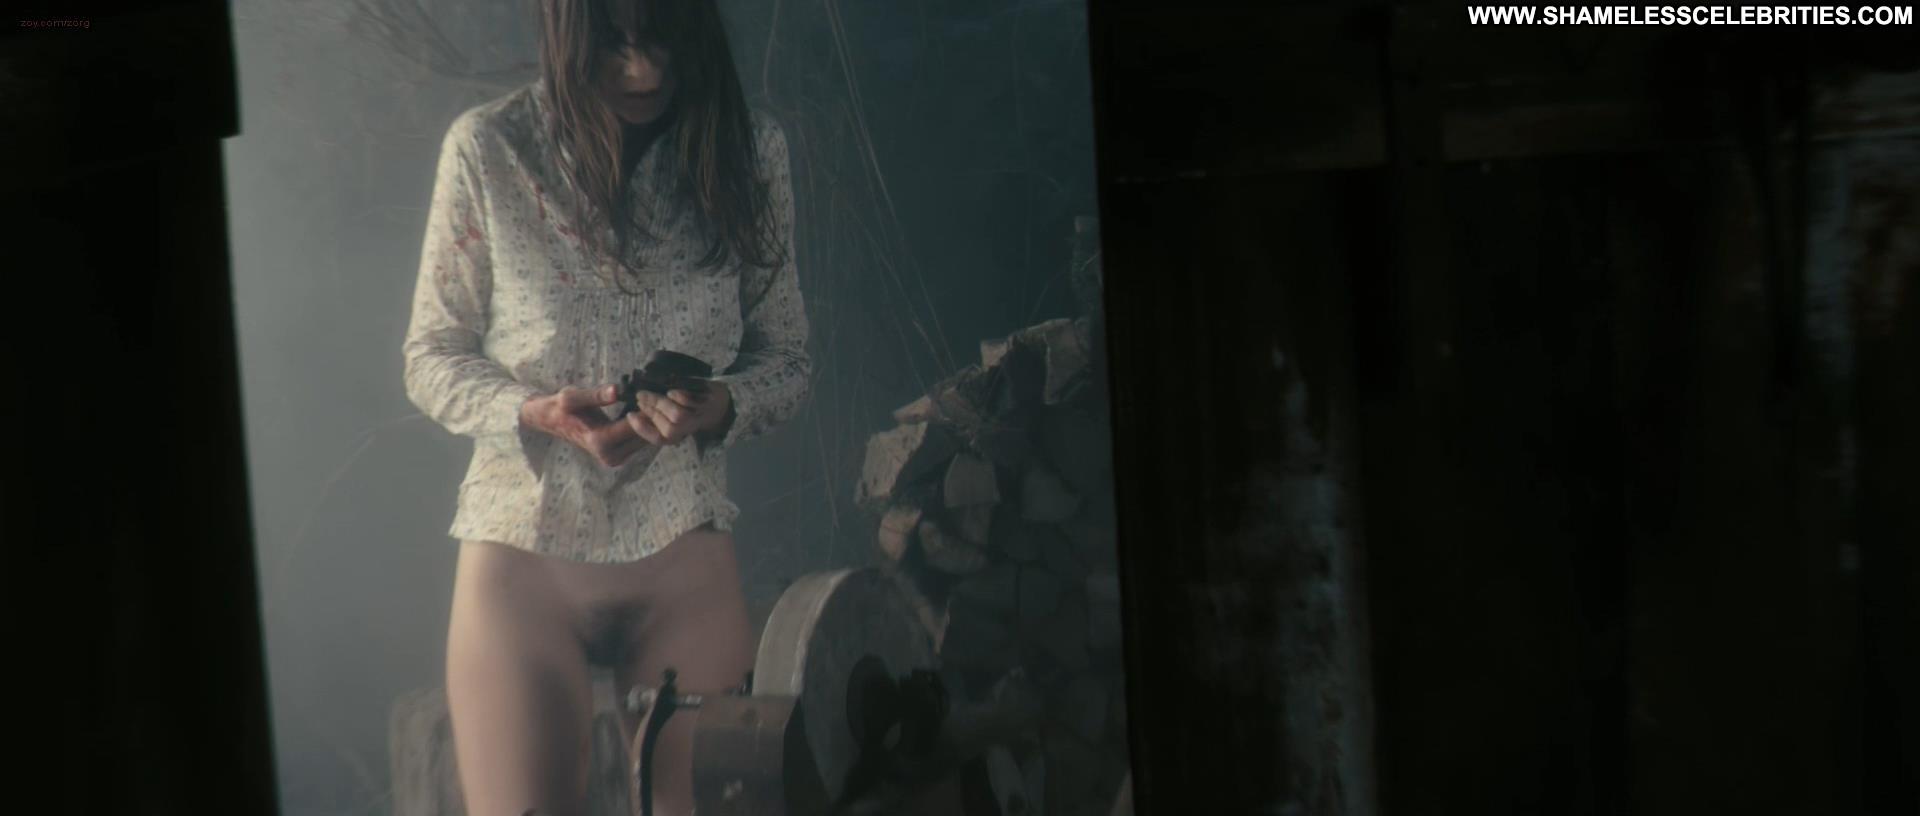 antichrist nude scenes